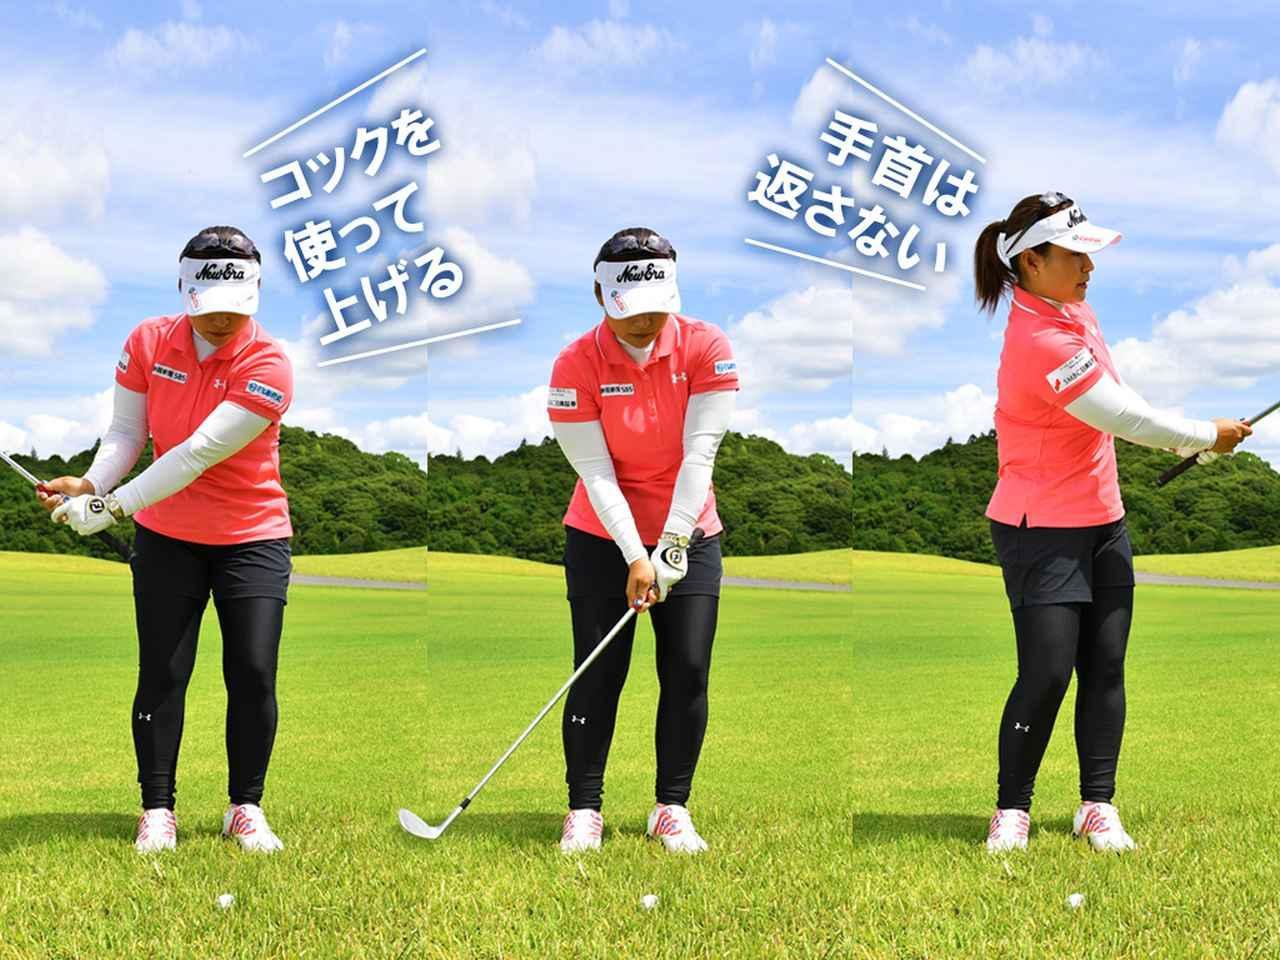 画像: コックを使ってヘッドを高く上げる。ダウンではボールに対して鋭角に振り下ろす。左手の甲を上に向けたままヘッドを高い位置に持ち上げてフォローをとるとV字軌道になる